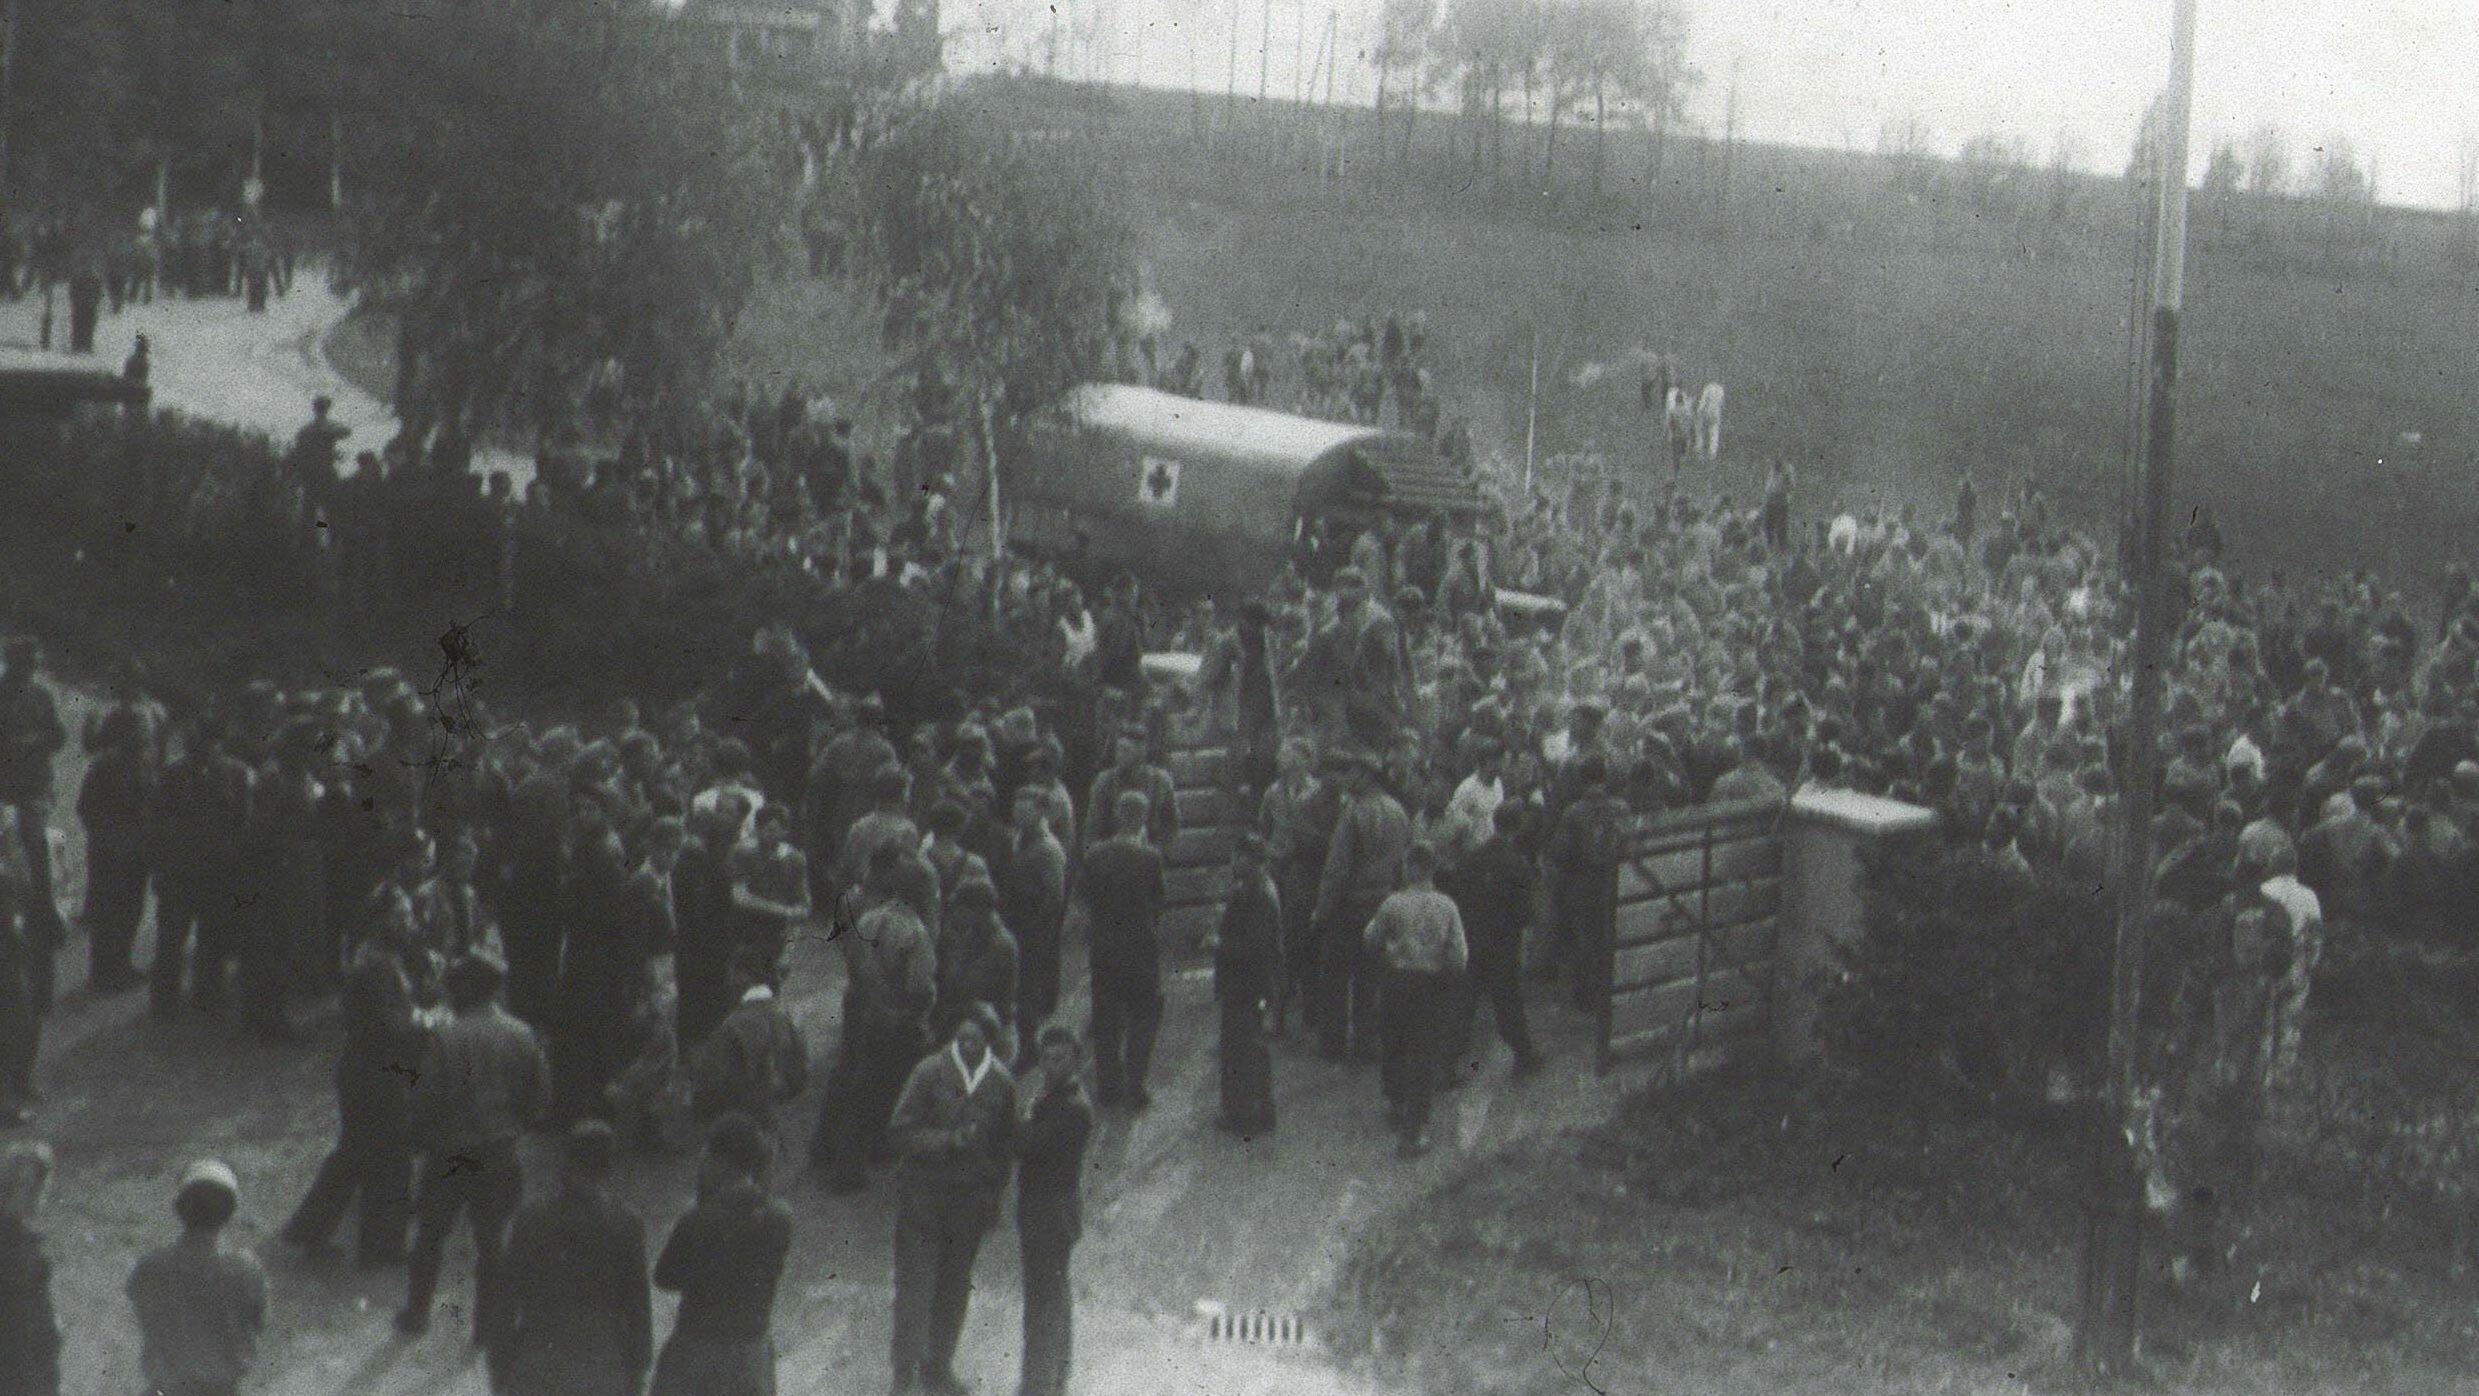 Befreiung des Kriegsgefangenenlagers Stalag VII B Memmingen am 26. April 1945.